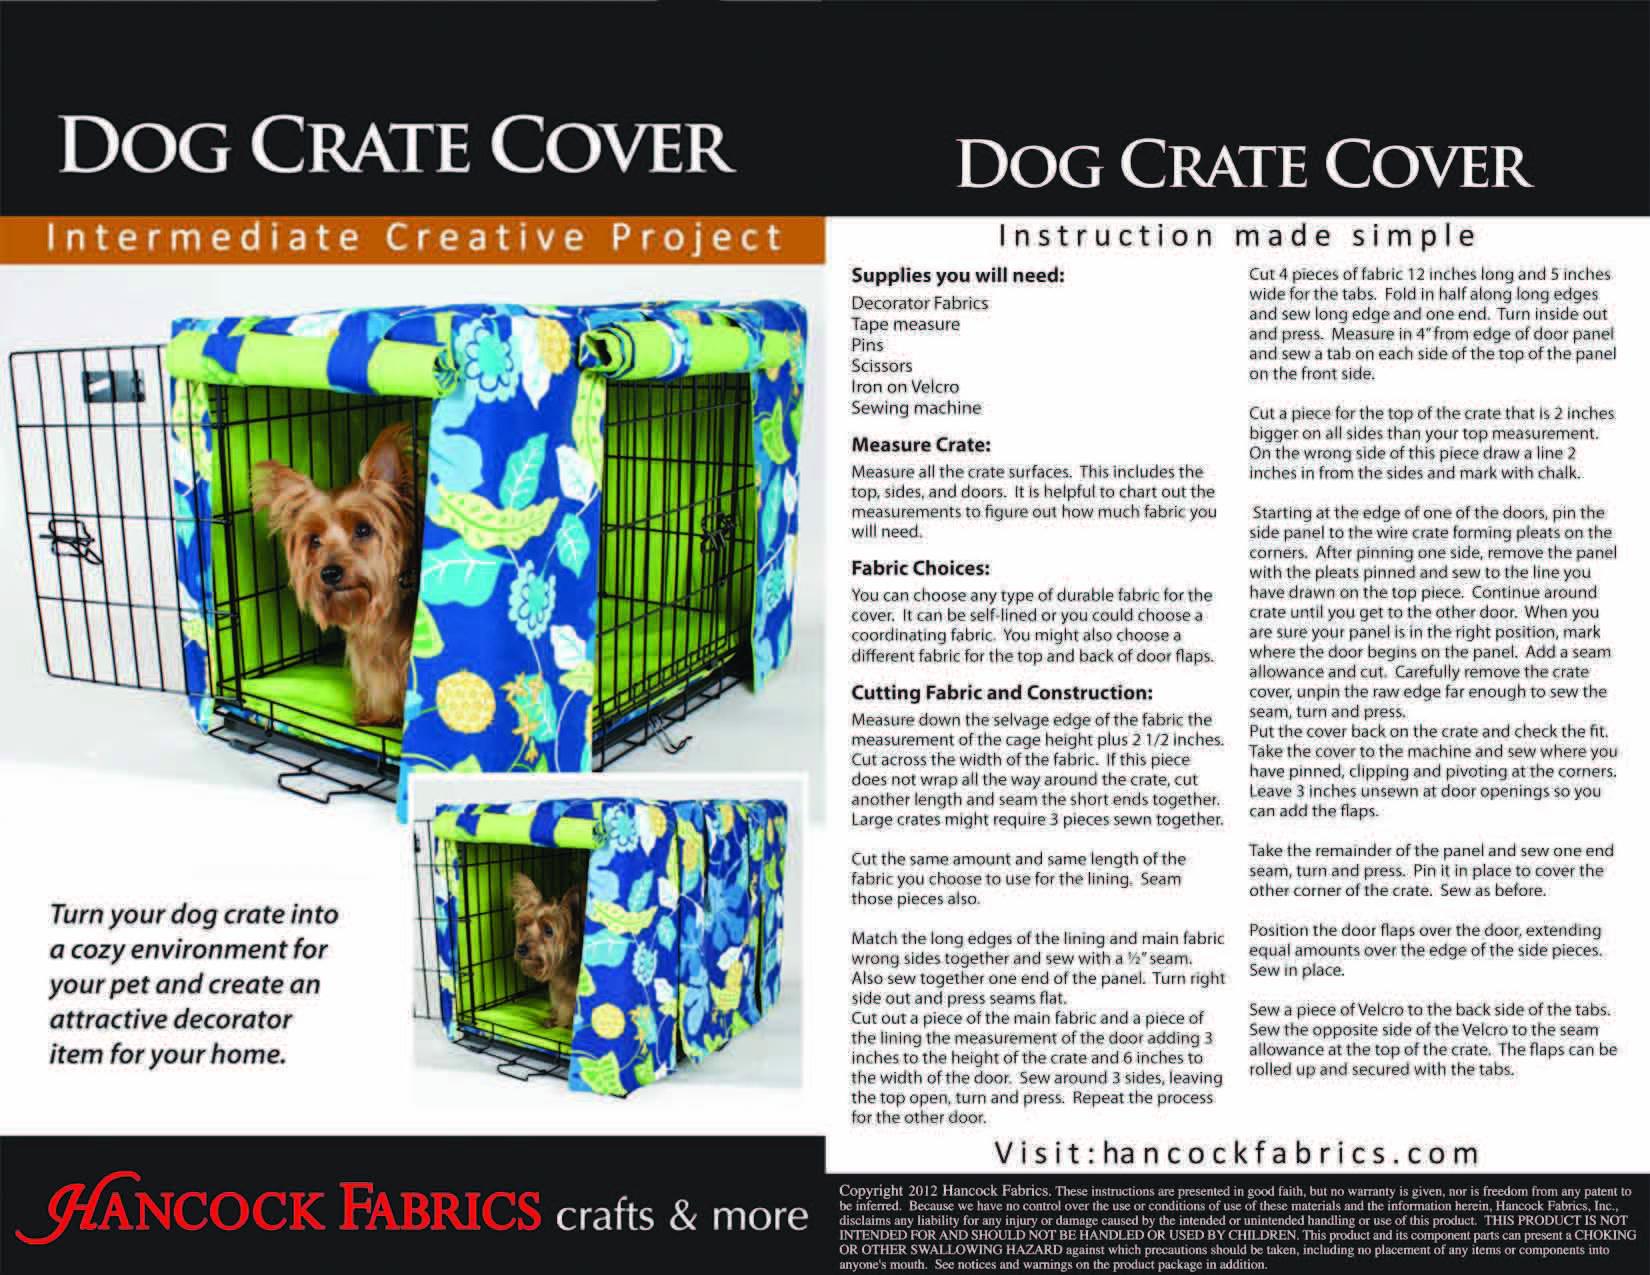 Dog Crate Cover Diy Dog Crate Cover Diy Dog Crate Dog